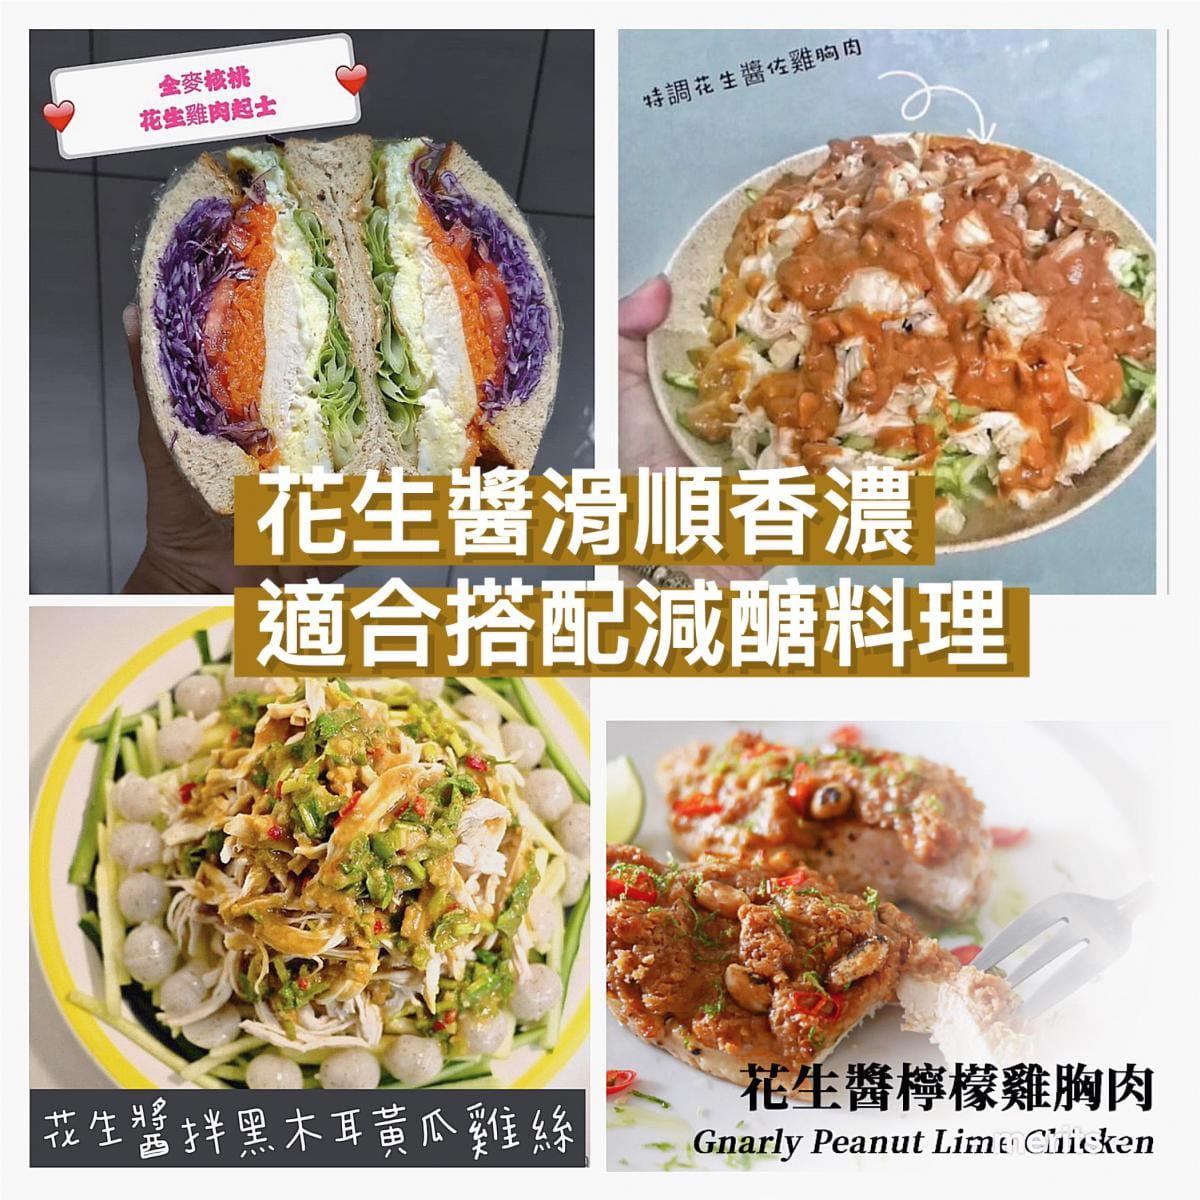 【當日現磨】 生酮無糖無添加純濃花生醬/芝麻醬 4